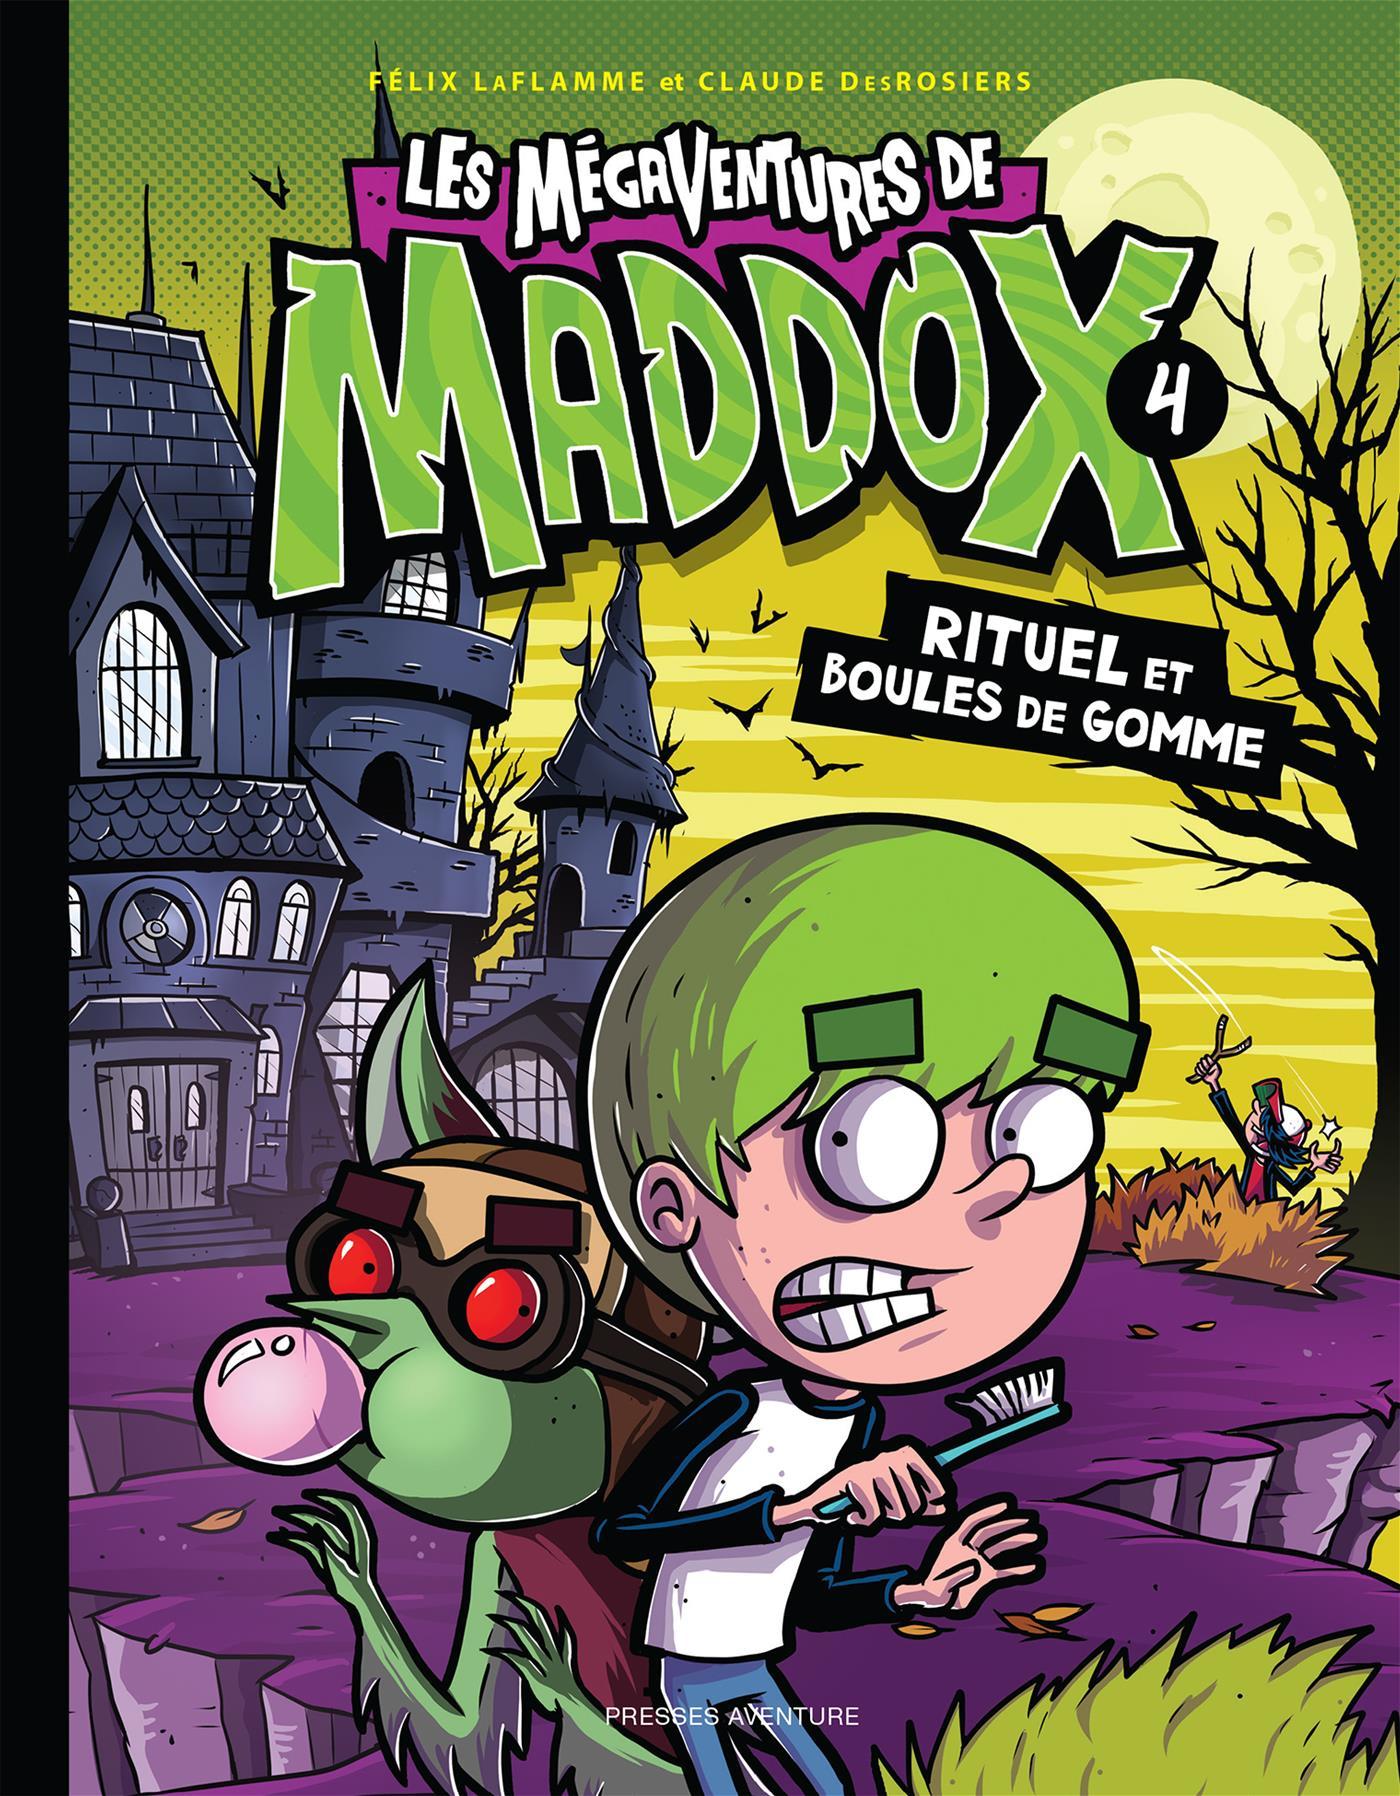 Les mégaventures de Maddox - Nº 4